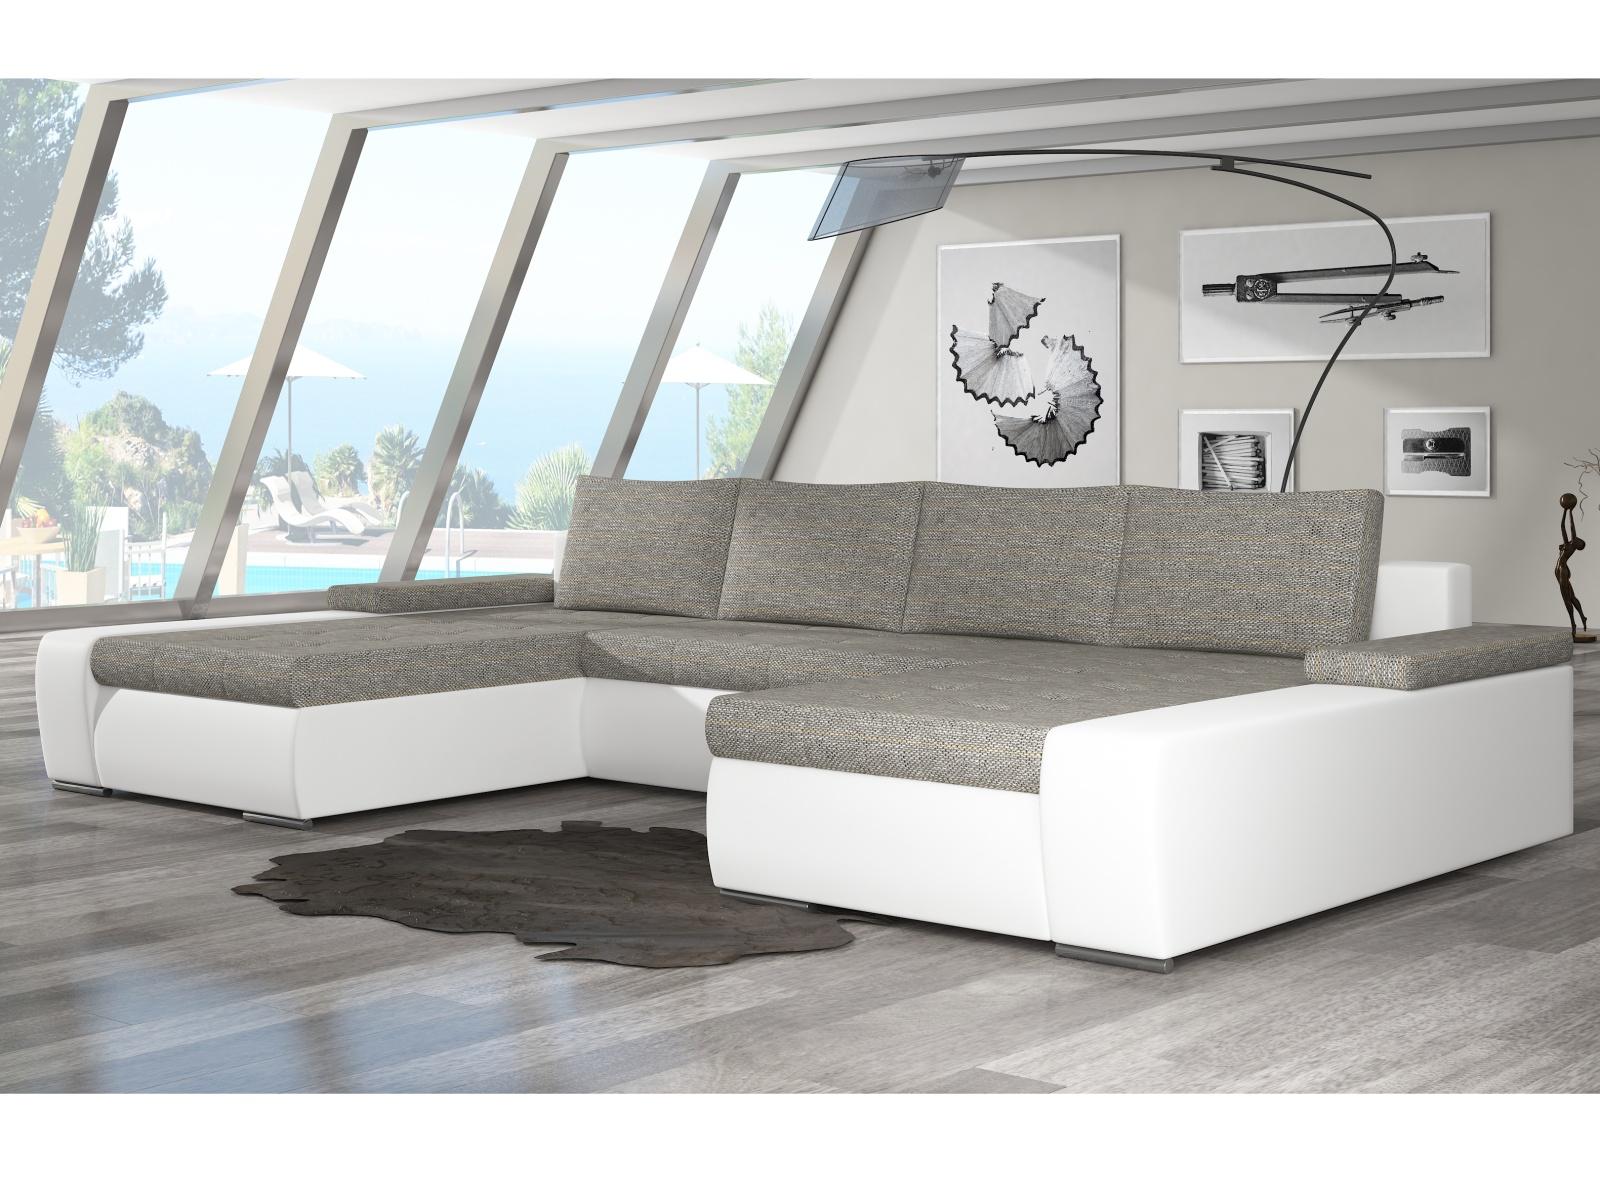 ELTAP Rohová sedačka MARINO 04, šedá látka/bílá ekokůže